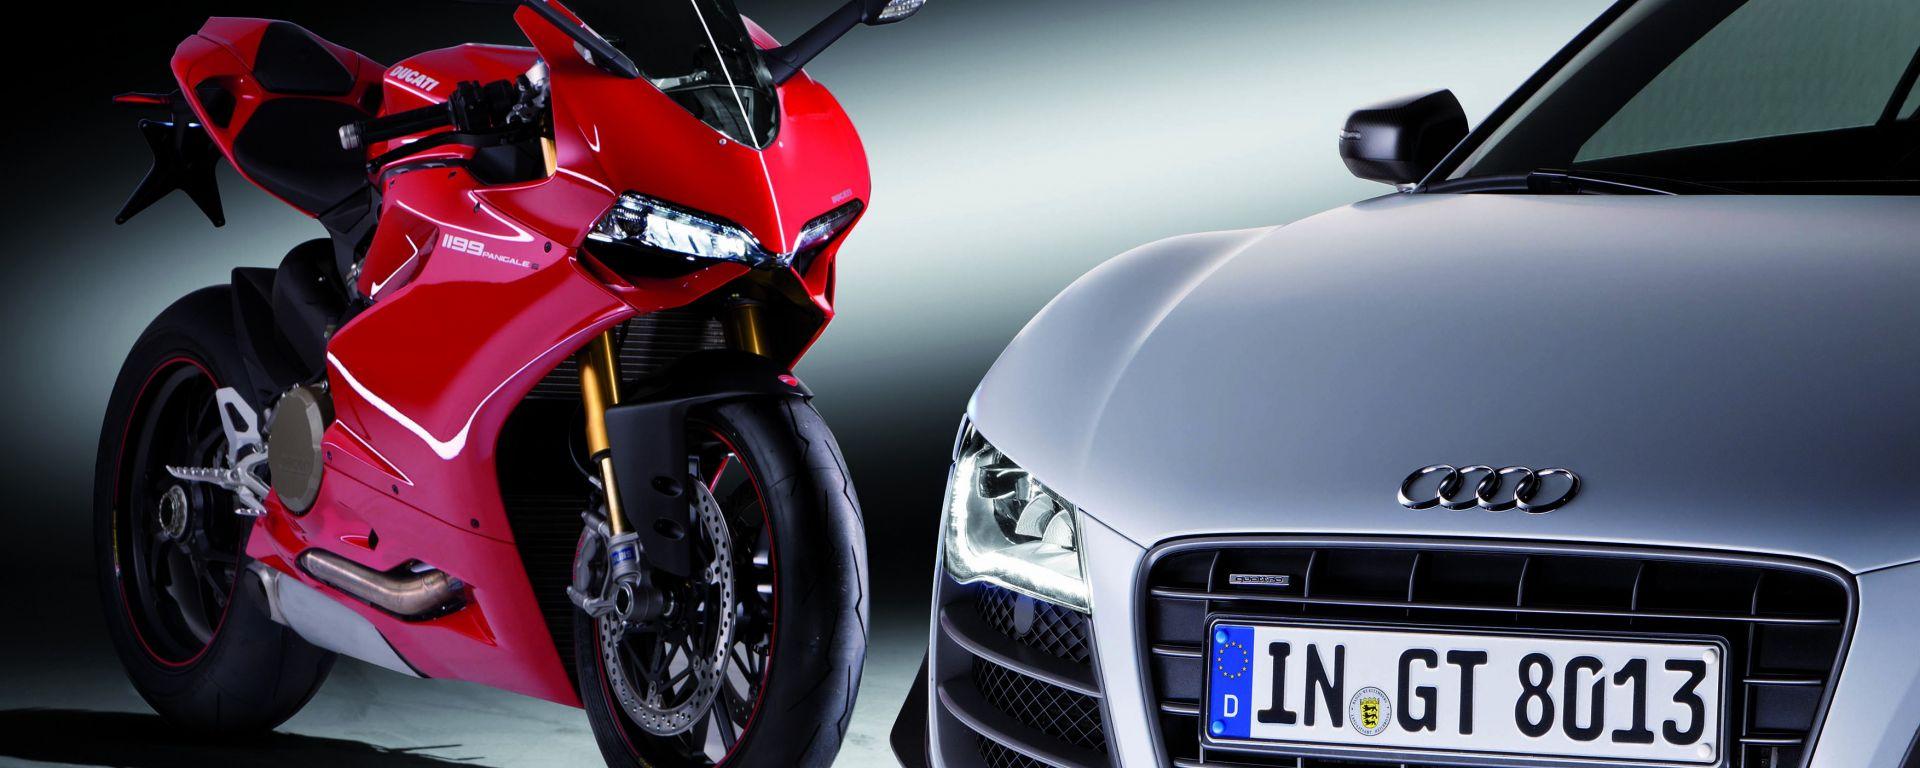 Audi compra Ducati: matrimonio d'interesse